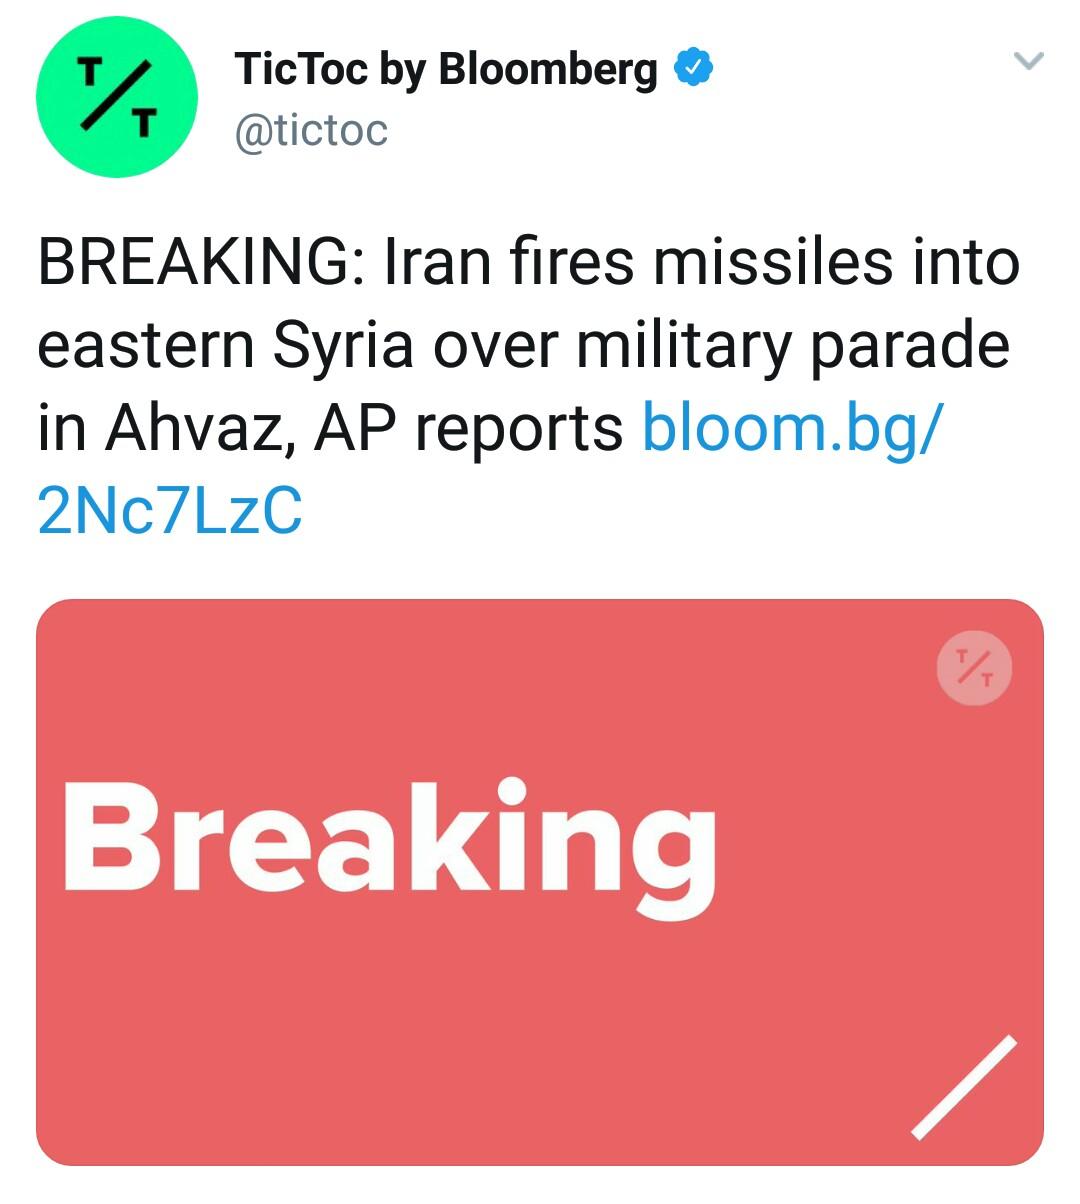 بازتاب حمله موشکی سپاه به مواضع طراحان حمله تروریستی اهواز در رسانههای خارجی - 23